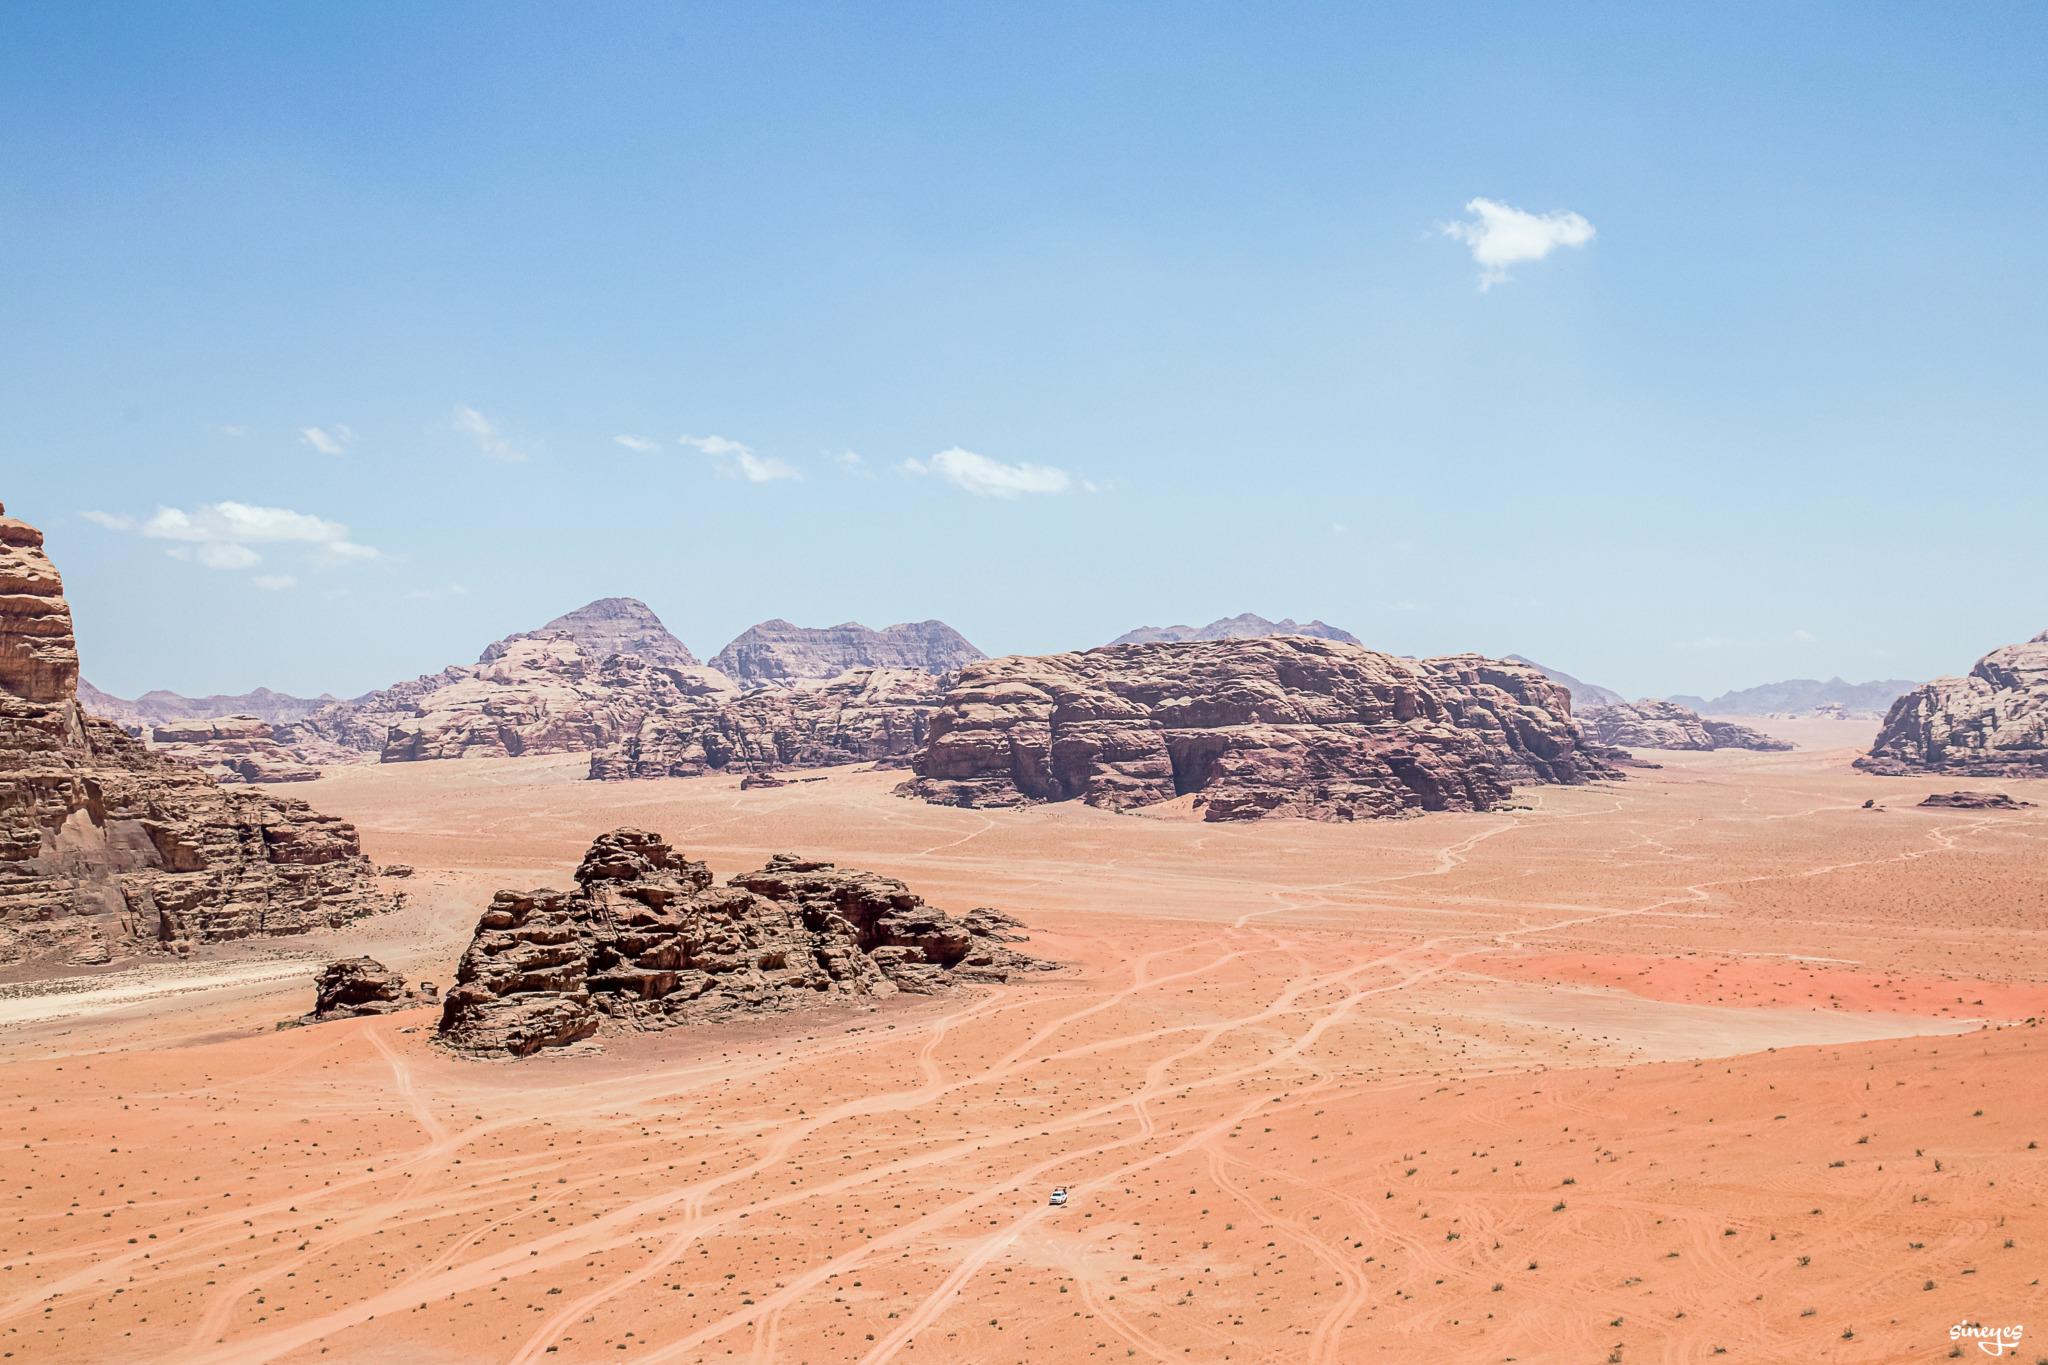 Wadi landscape by sineyes